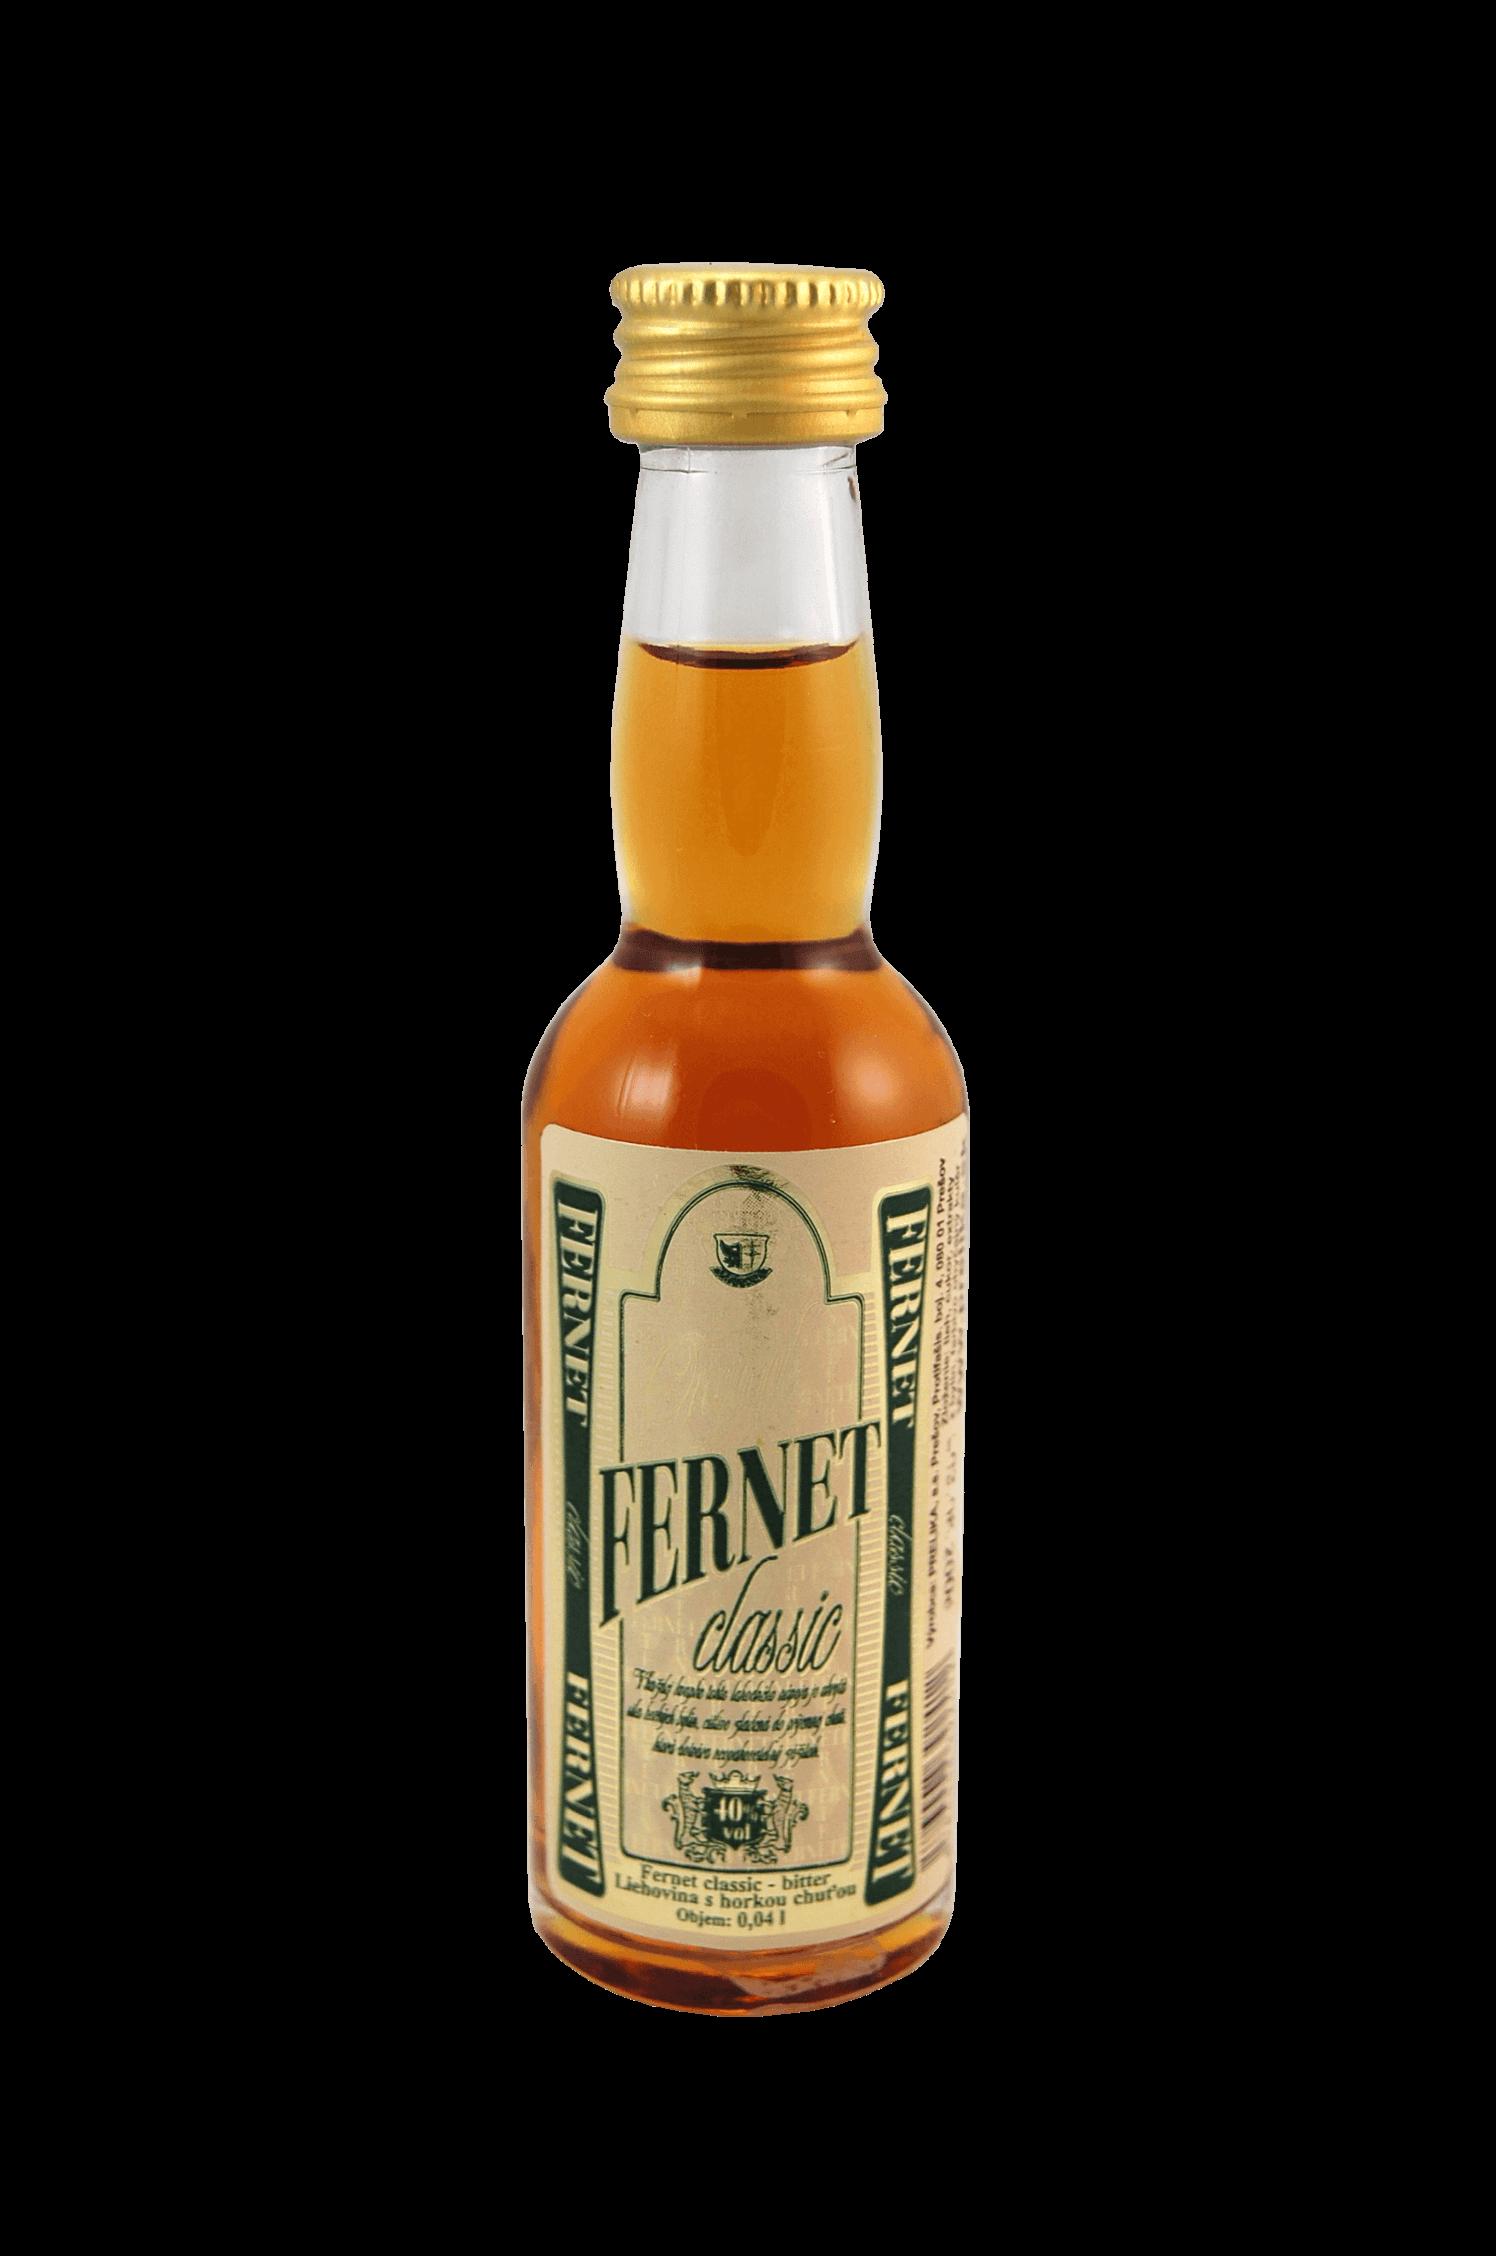 Fernet Classic